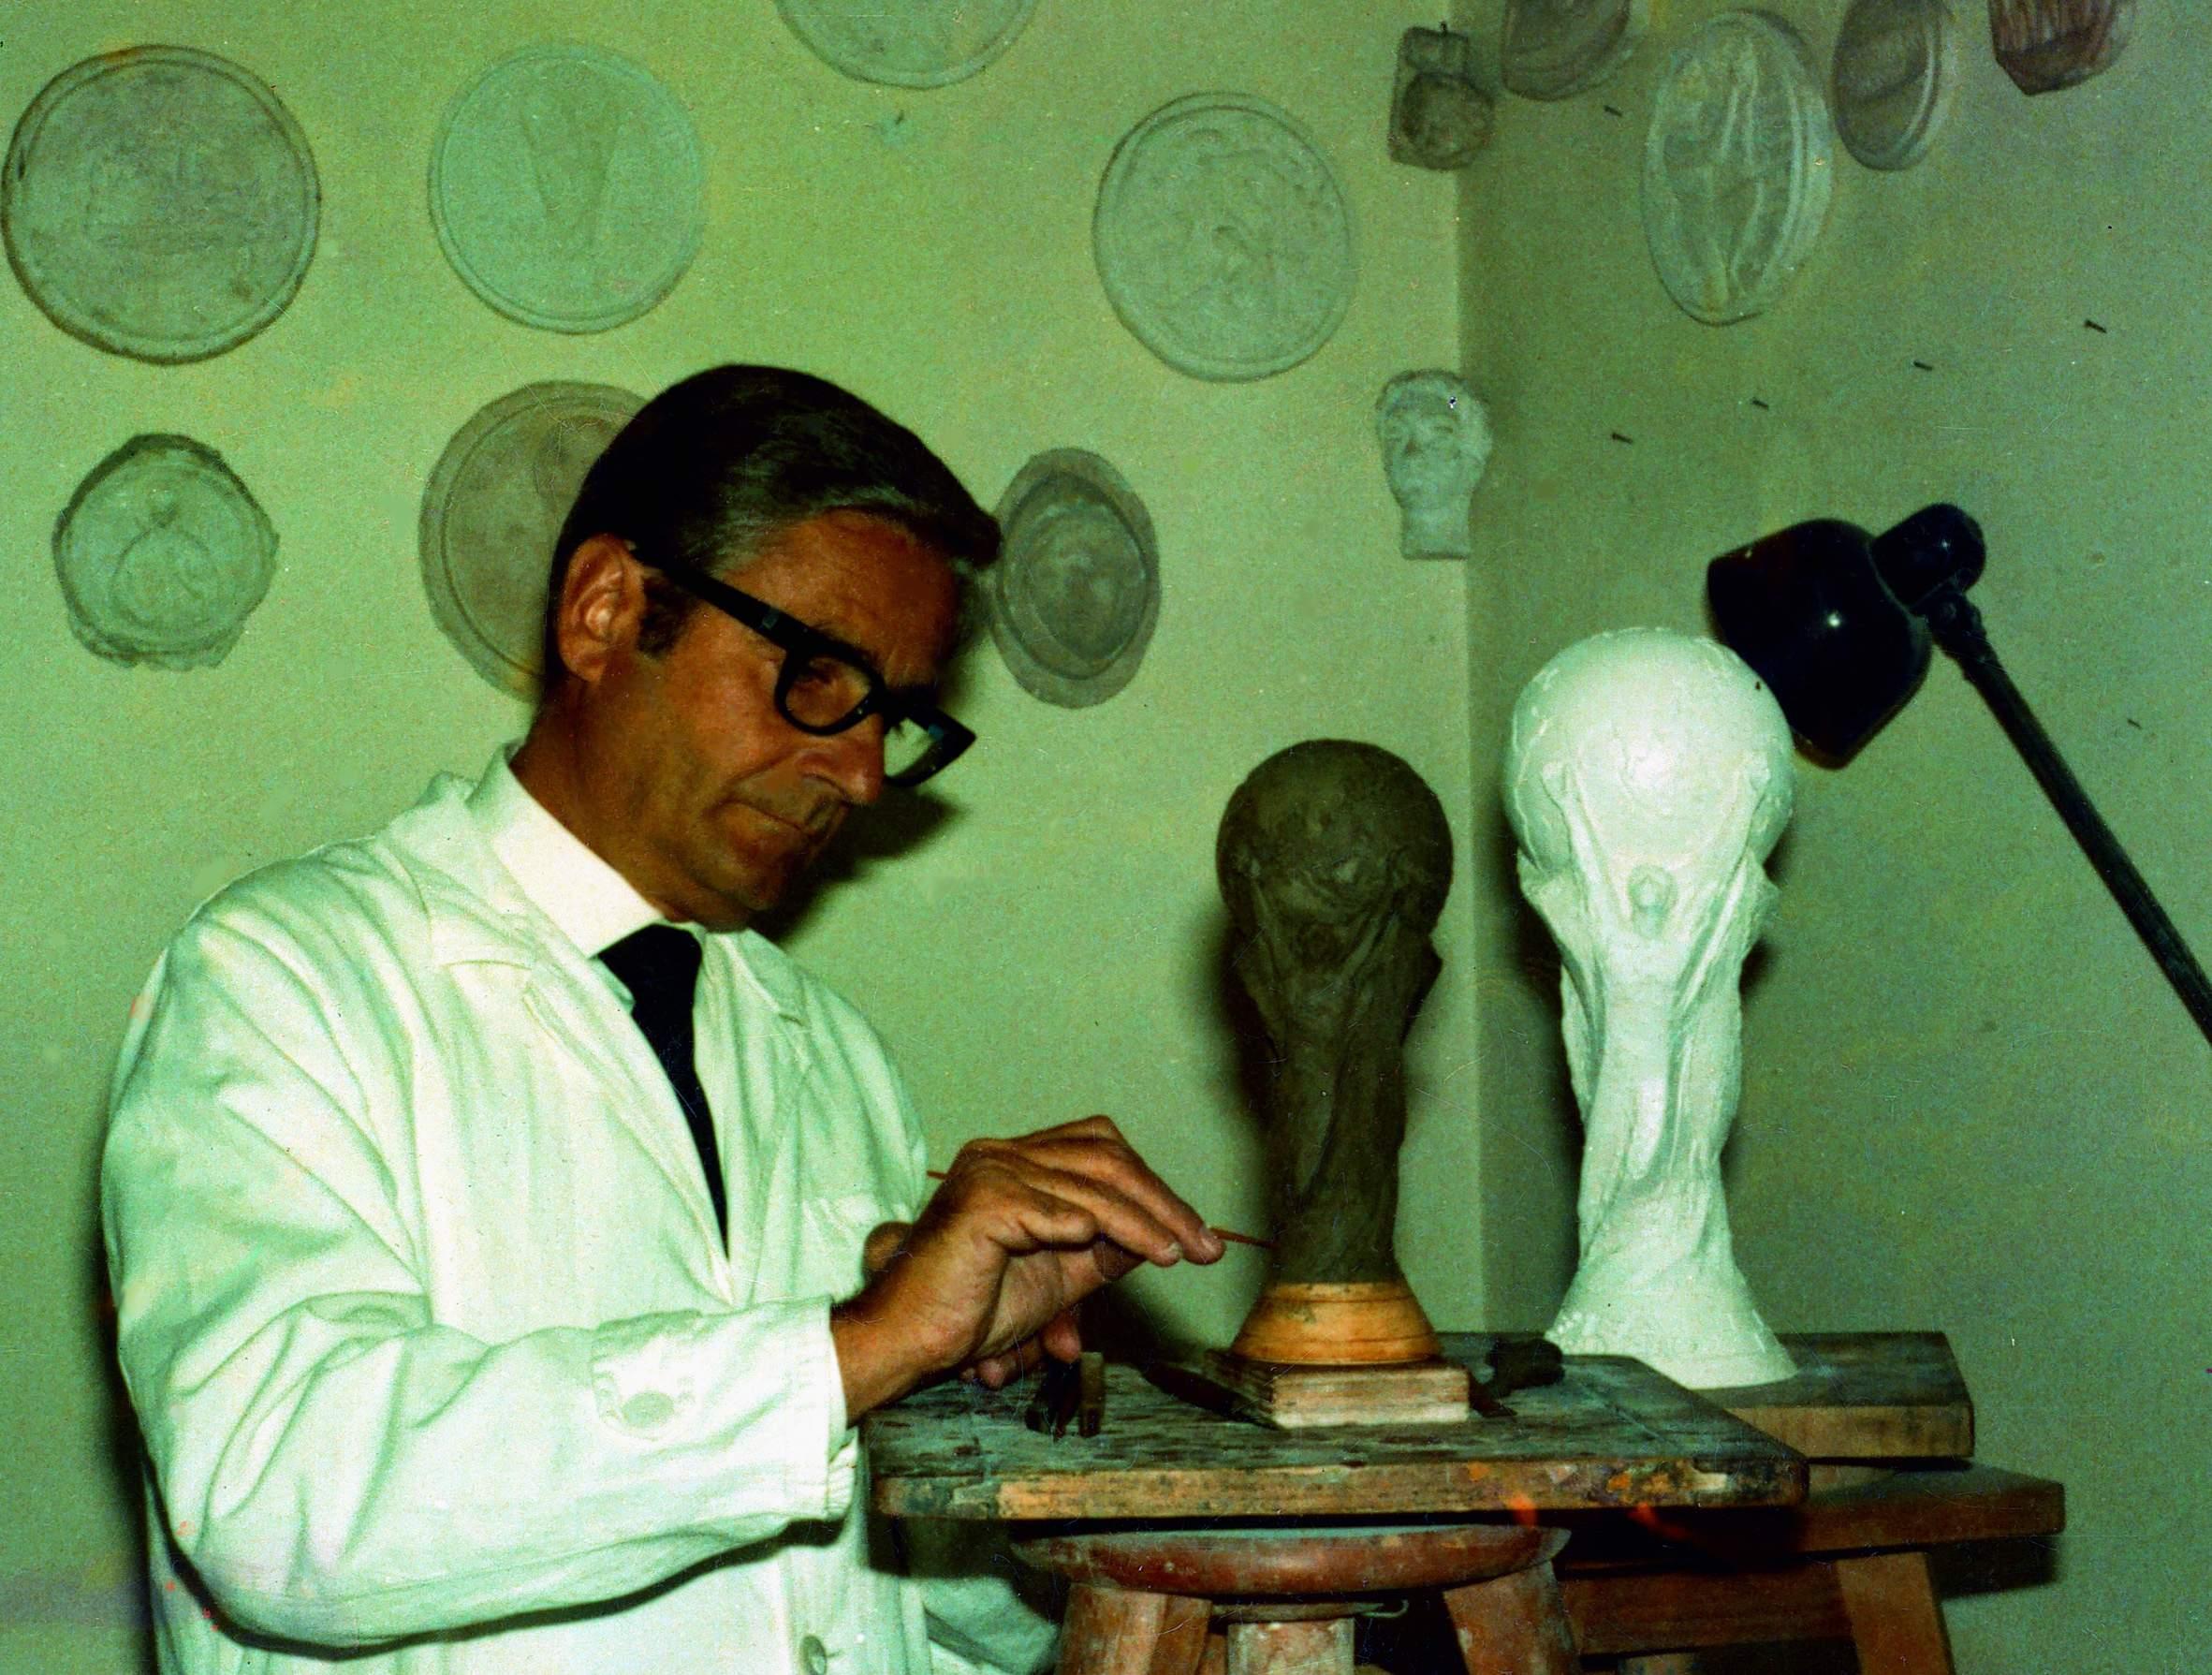 Lo Scultore Silvio Gazzaniga Nel  Mentre Lavora Su Alcuni Prototipi Del Trofeo Della Coppa Del Mondo Fifa